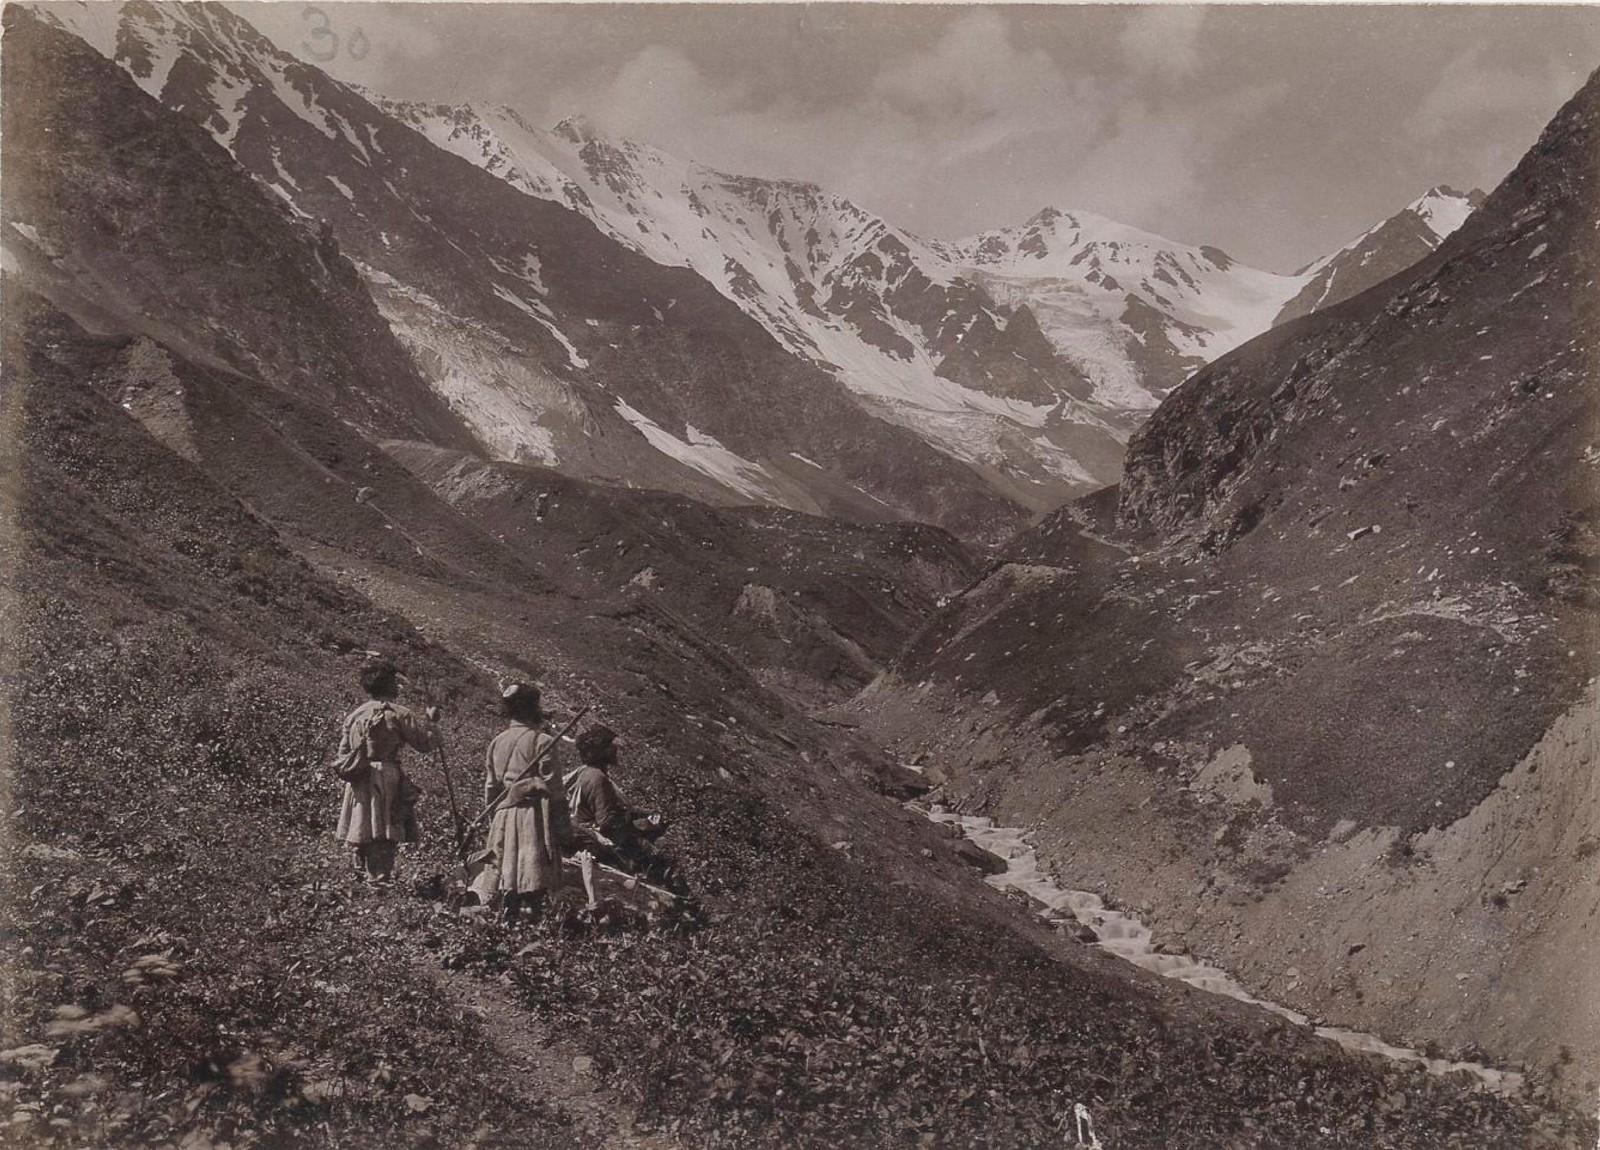 17. Восточный Кавказ. Горный массив Диклосмта. Харгенахская долина, Июль